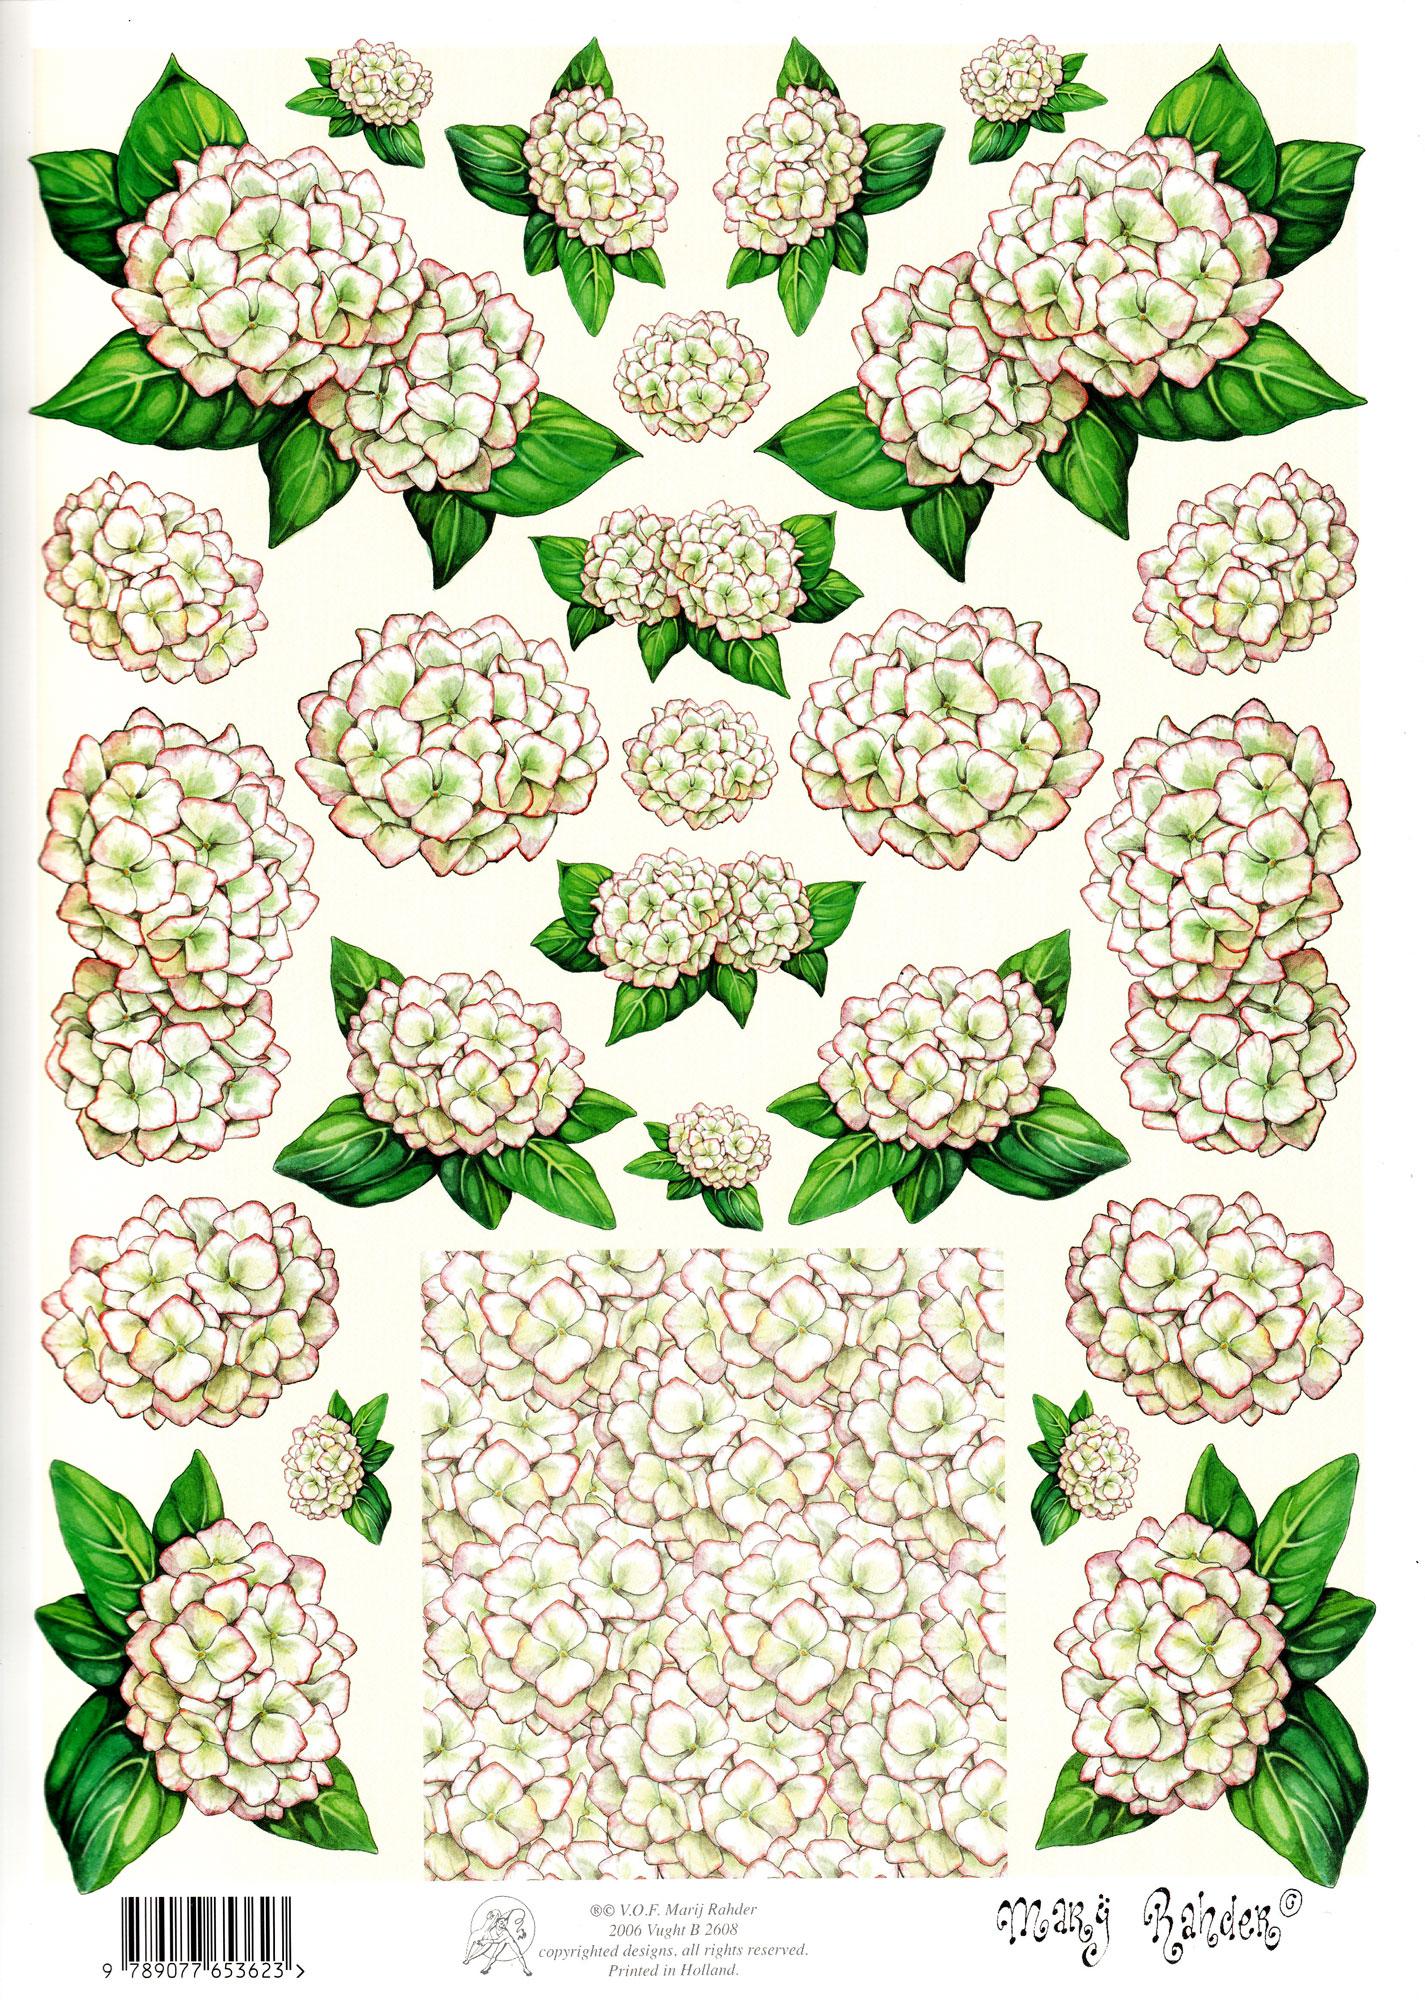 planche d\'images pour cartes 3D - A4 - Les hortensias